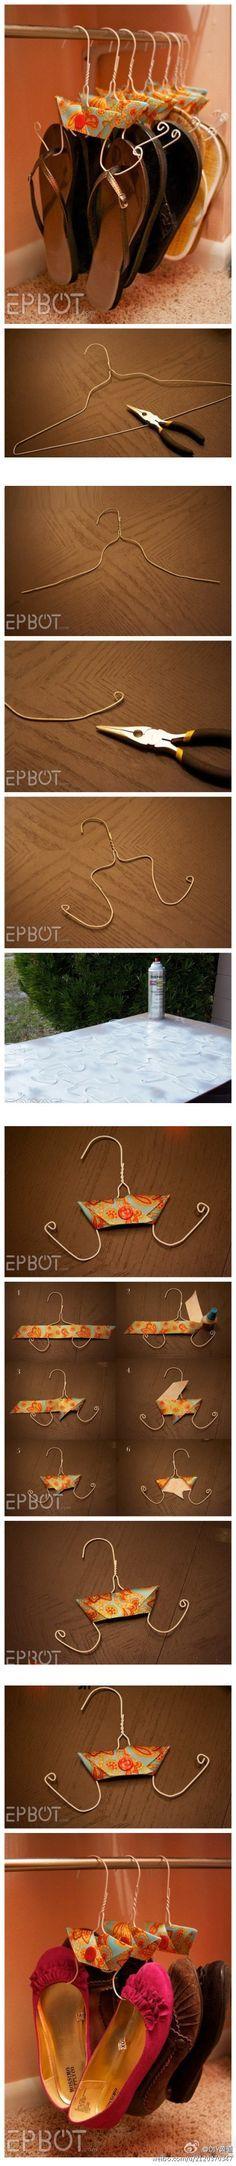 Cómo #reutilizar una percha metálica para hacer un organizador de #sandalias para nuestros viajes de ocio  #DIY #ecología #reciclar